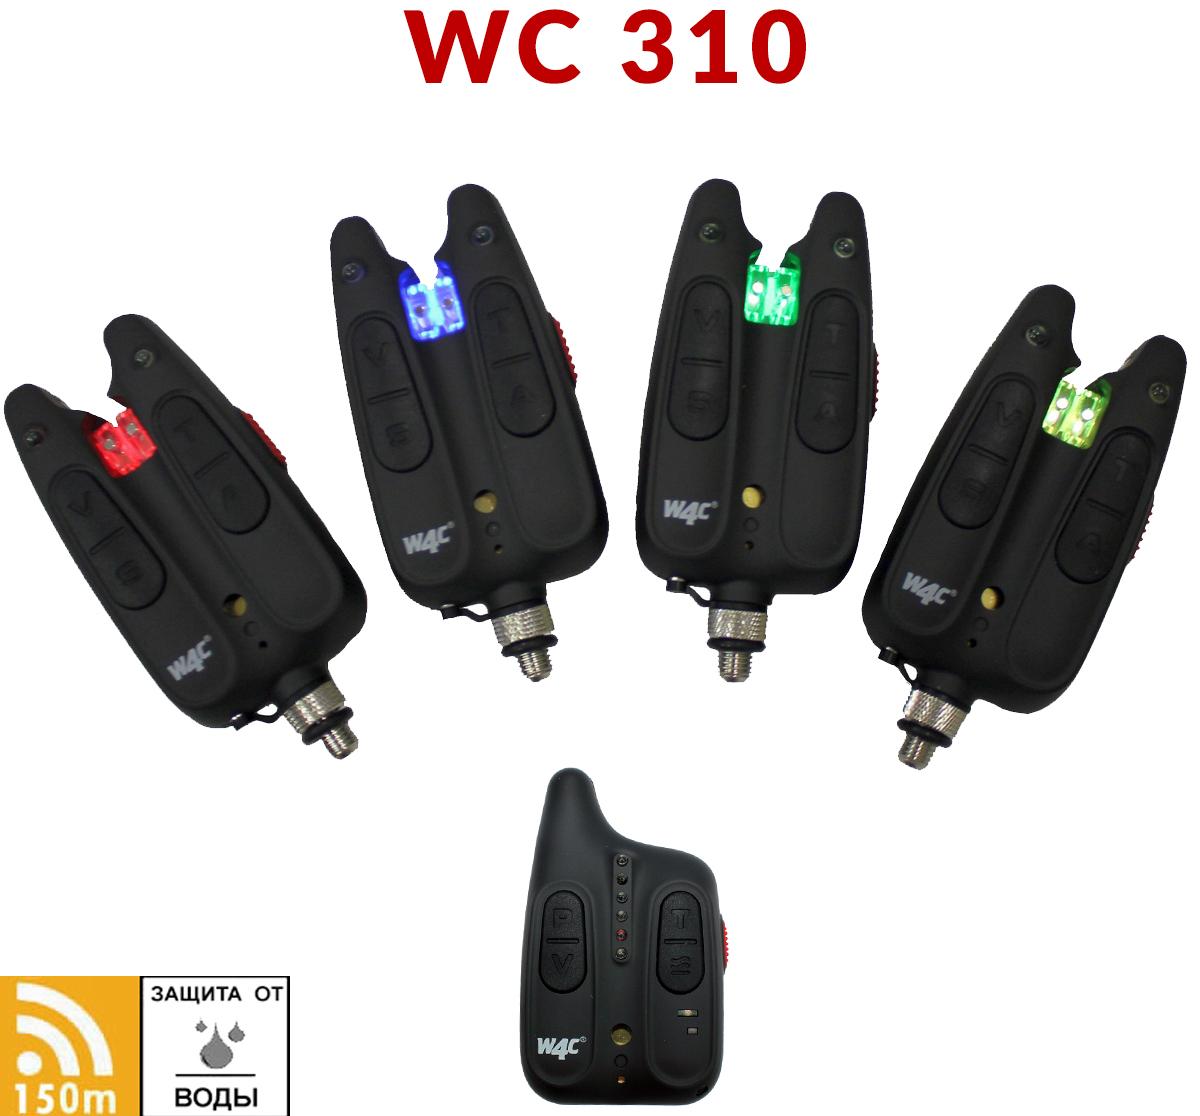 Набор сигнализаторов wc310